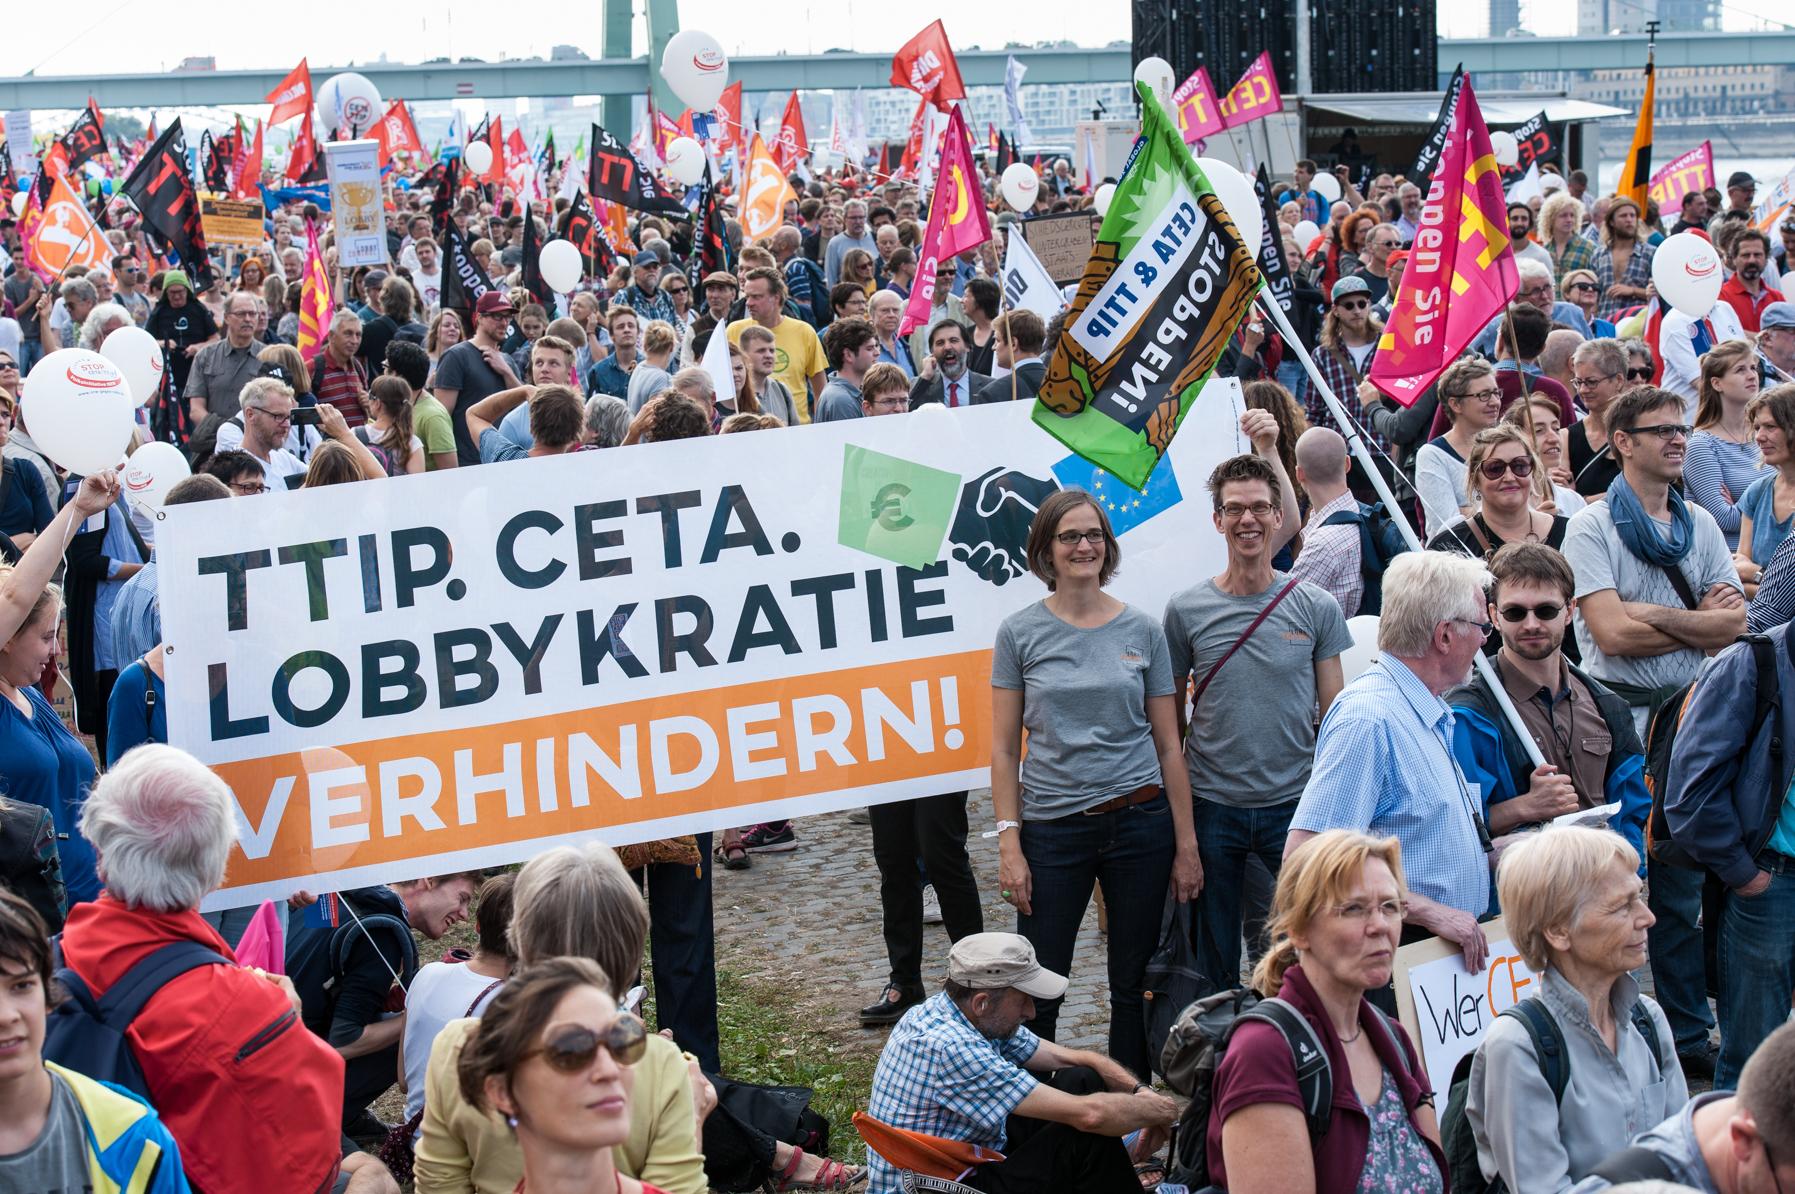 TTIP-CETA-Lobbykratie verhindern: LobbyControl bei der Auftaktkundgebung an der Deutzer Werft.